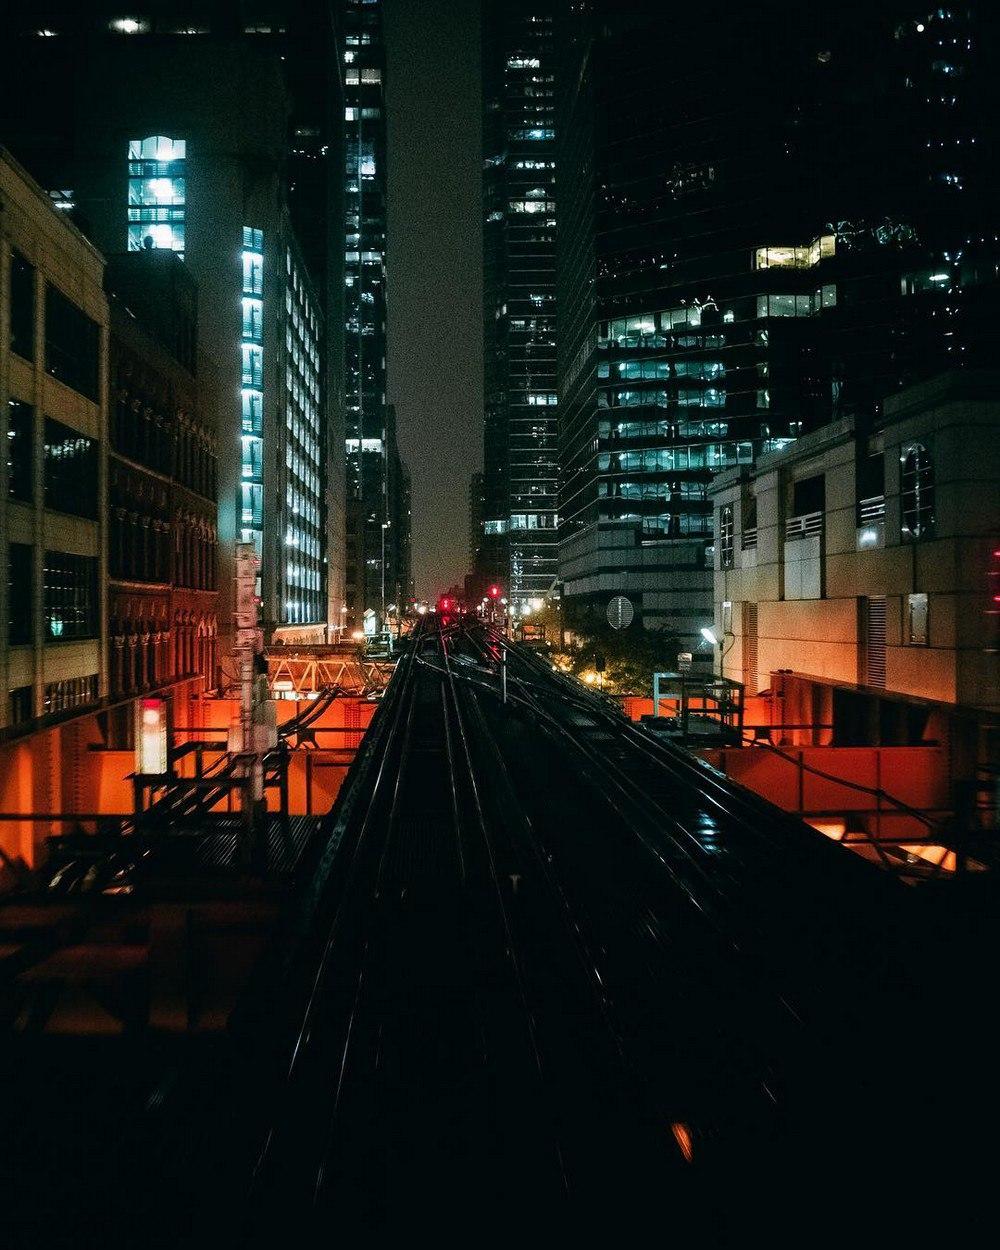 Xt6WTG eddE - Шедевры архитектурной и городской фотографии